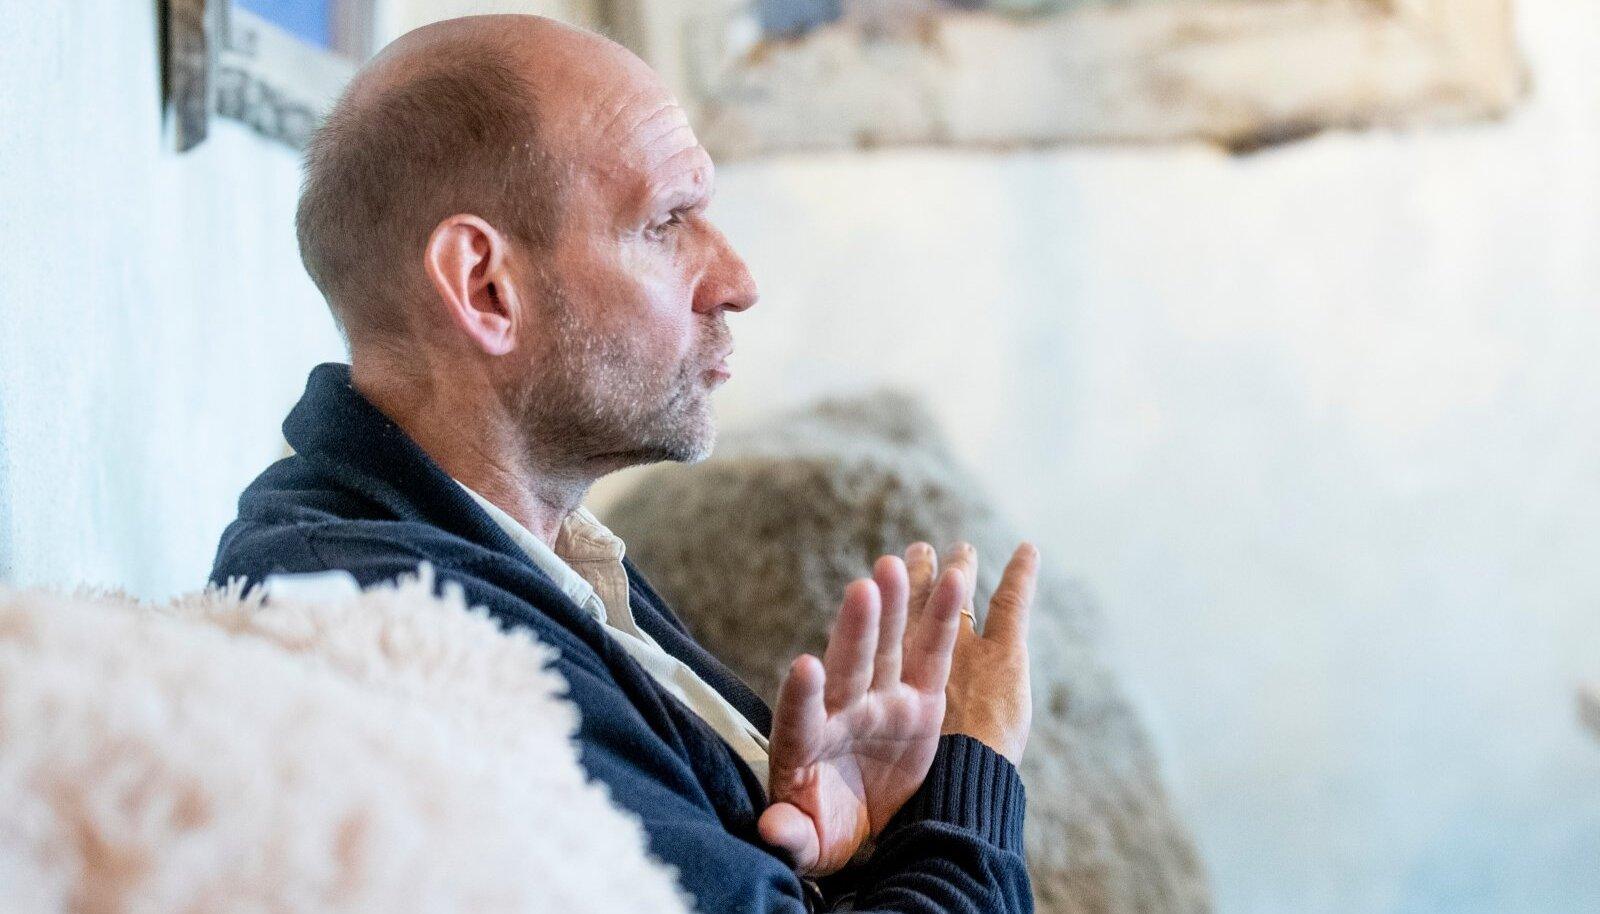 Mida teeb ära Martin Helme? Ei midagi, vastab Isamaa esimees Helir-Valdor Seeder.